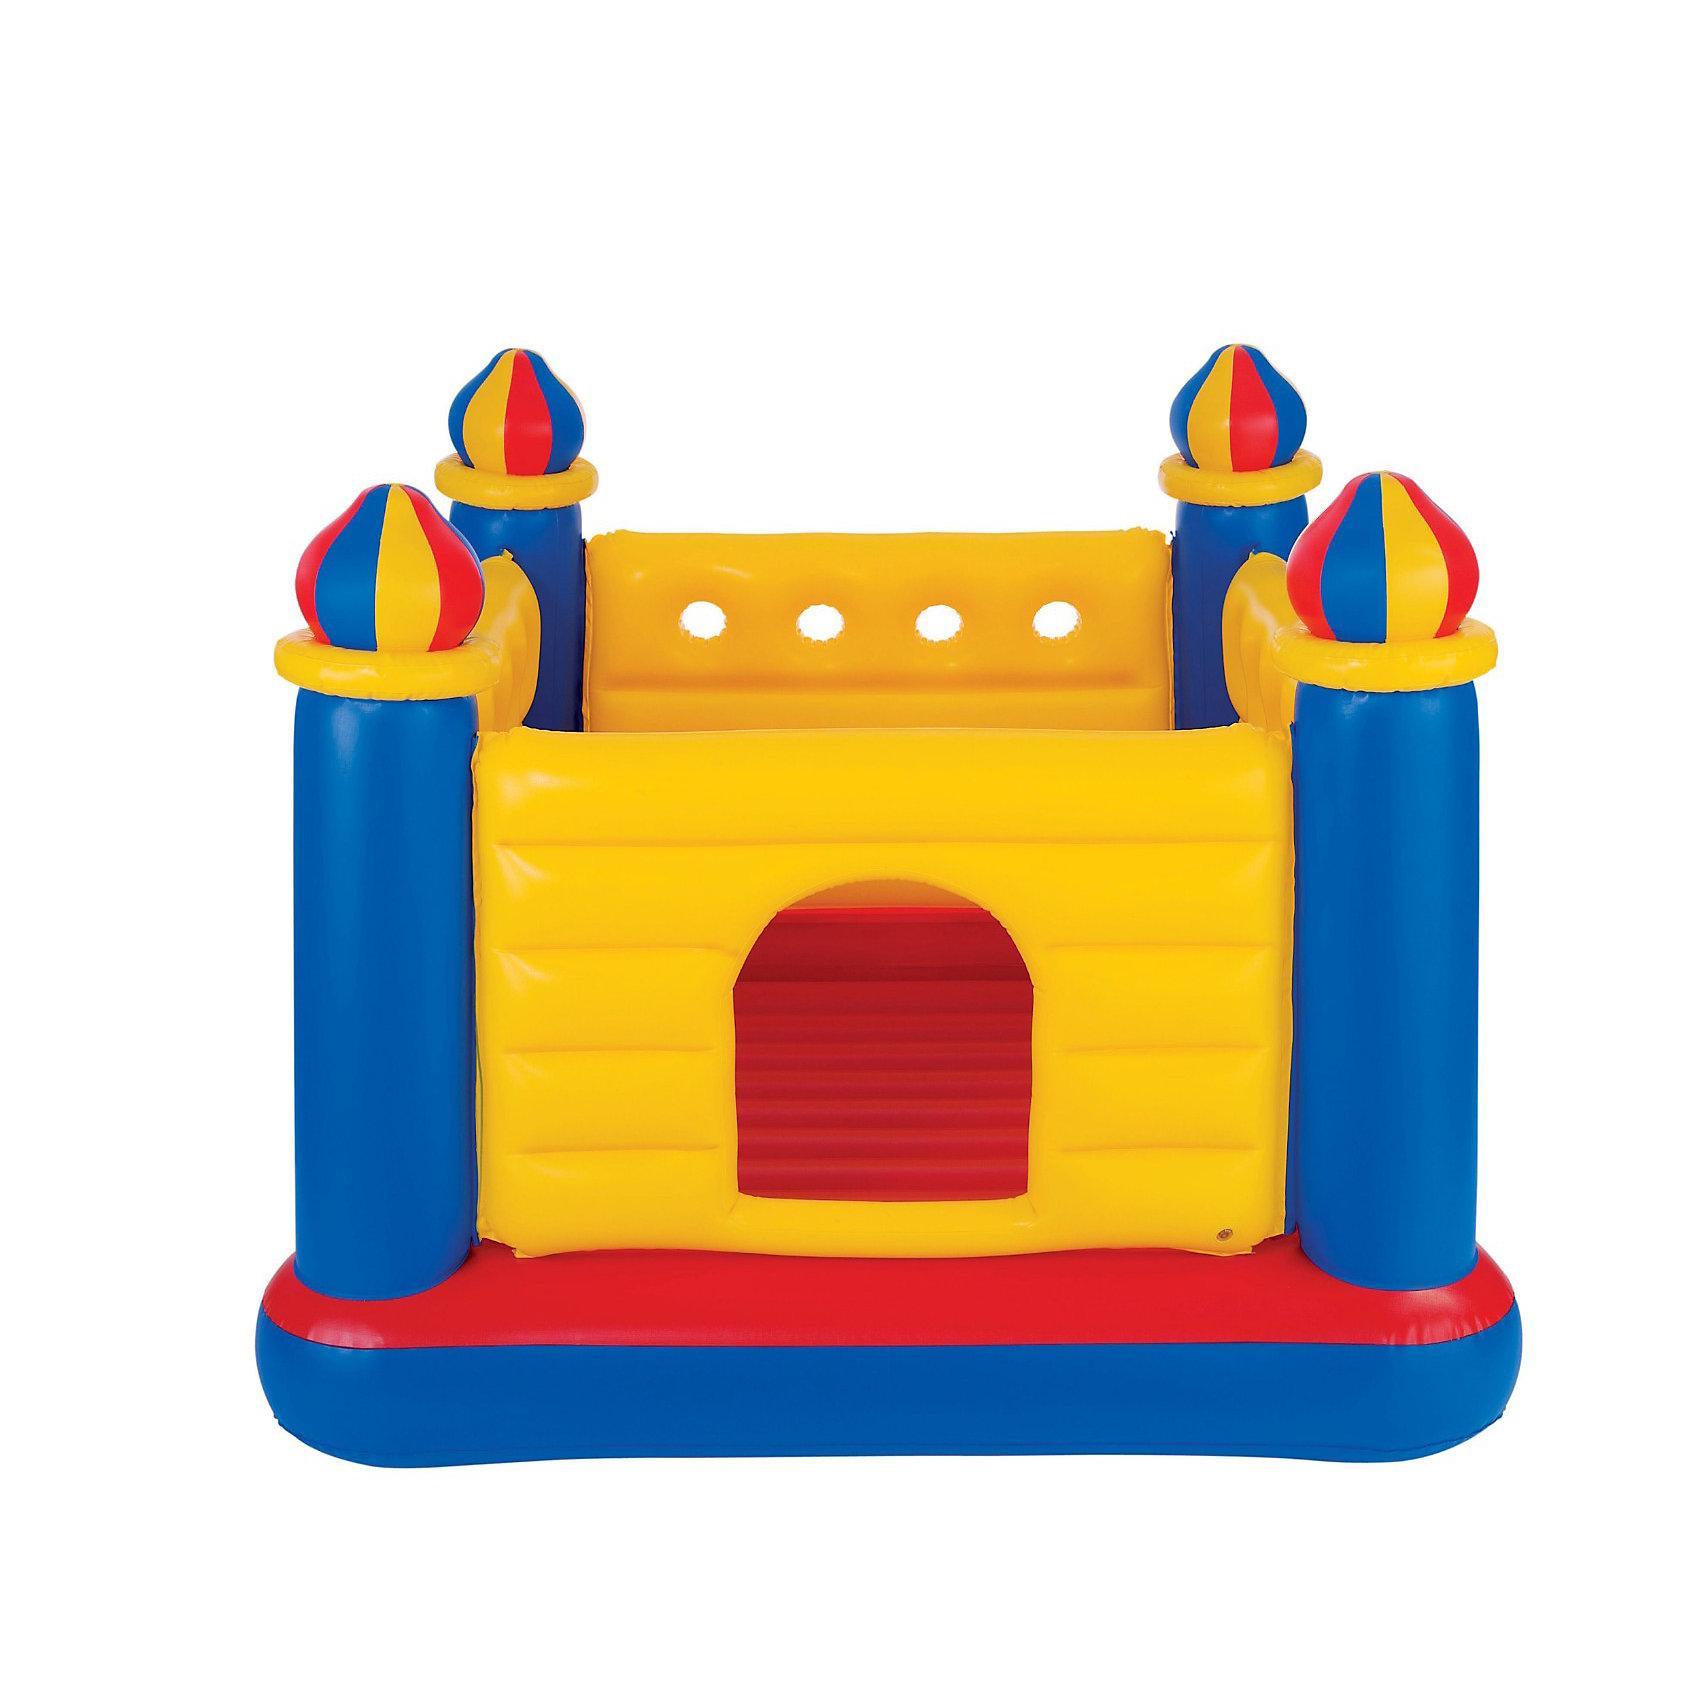 Детский надувной батут Замок, IntexБатуты<br>Детский надувной батут Замок, Intex (Интекс) — отличный вариант подарка непоседам! Представляет собой надувной замок с 4-мя башнями. Внутри замка дети могут прыгать, как на батуте. В замке свободно помещаются 2-3 ребенка. Использовать батут можно как в доме, так и на улице.<br>Надувные башенки и стенки крепости обеспечивают безопасность - ребенок не сможет случайно выпрыгнуть за пределы игровой площадки. Дно, а также каждая боковая стенка надуваются отдельно.<br><br>Надувной игровой центр-батут не оставит равнодушным ни одного ребенка! <br><br>Дополнительная информация:<br><br>- В комплекте: детский надувной батут Замок, <br>- Размер изделия: 175 x 175 x 135 см<br>- Материал: винил<br>- Допустимая нагрузка: 55 кг.<br>- Вес: 11,9 кг.<br>- Батут надувается обычным насосом (в комплект не входит)<br><br>Детский надувной батут Замок, Intex (Интекс) можно купить в нашем интернет-магазине.<br><br>Ширина мм: 480<br>Глубина мм: 423<br>Высота мм: 218<br>Вес г: 11991<br>Возраст от месяцев: 36<br>Возраст до месяцев: 72<br>Пол: Унисекс<br>Возраст: Детский<br>SKU: 1918523